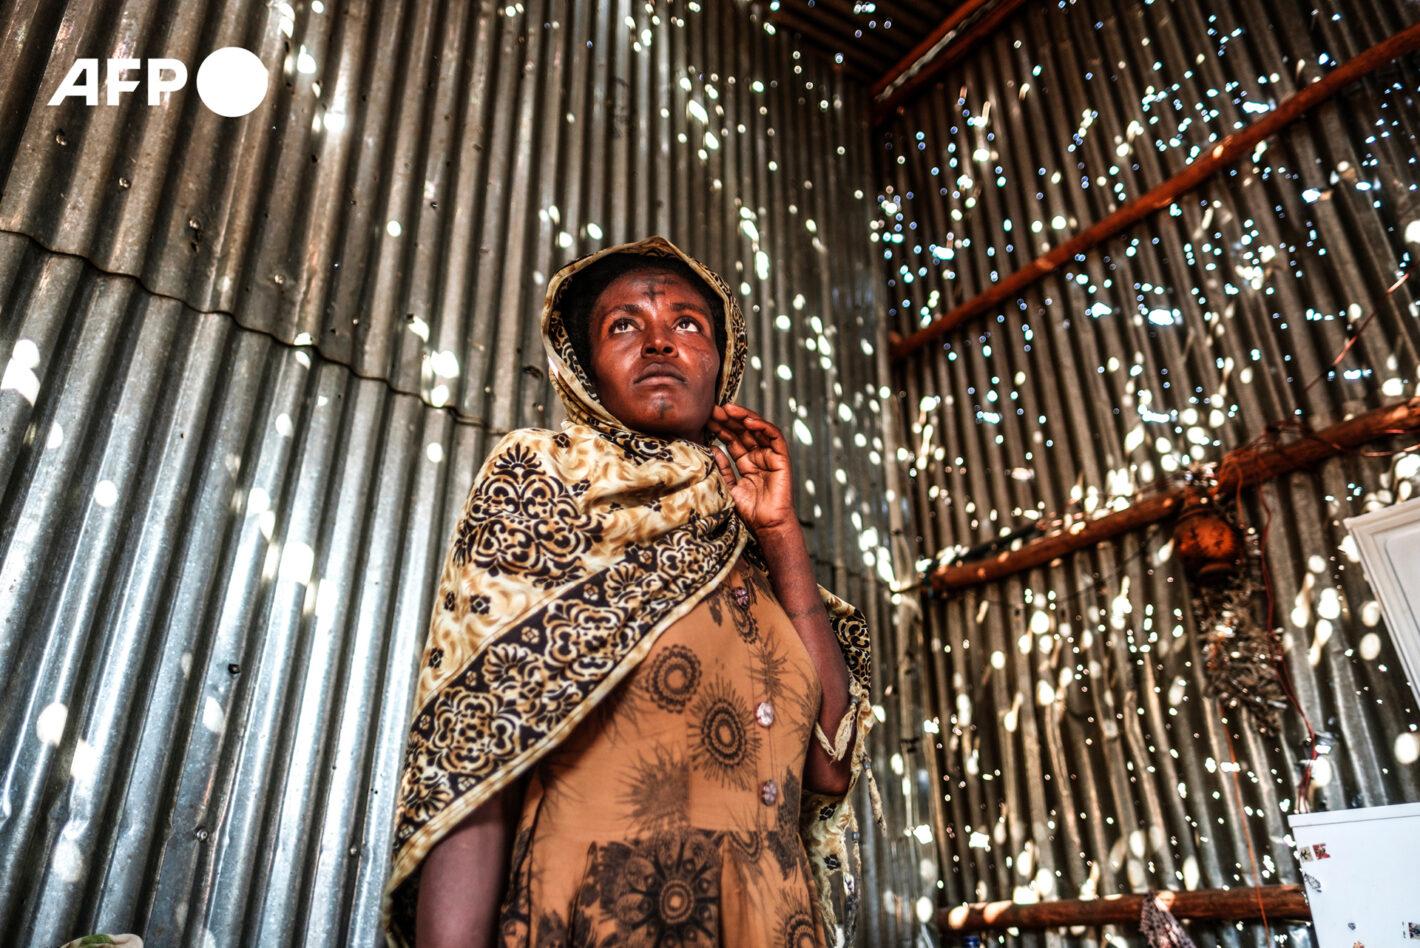 AFP 3 | Eduardo SOTERAS 22 novembre 2020 – Humera, région du Tigré (Éthiopie)